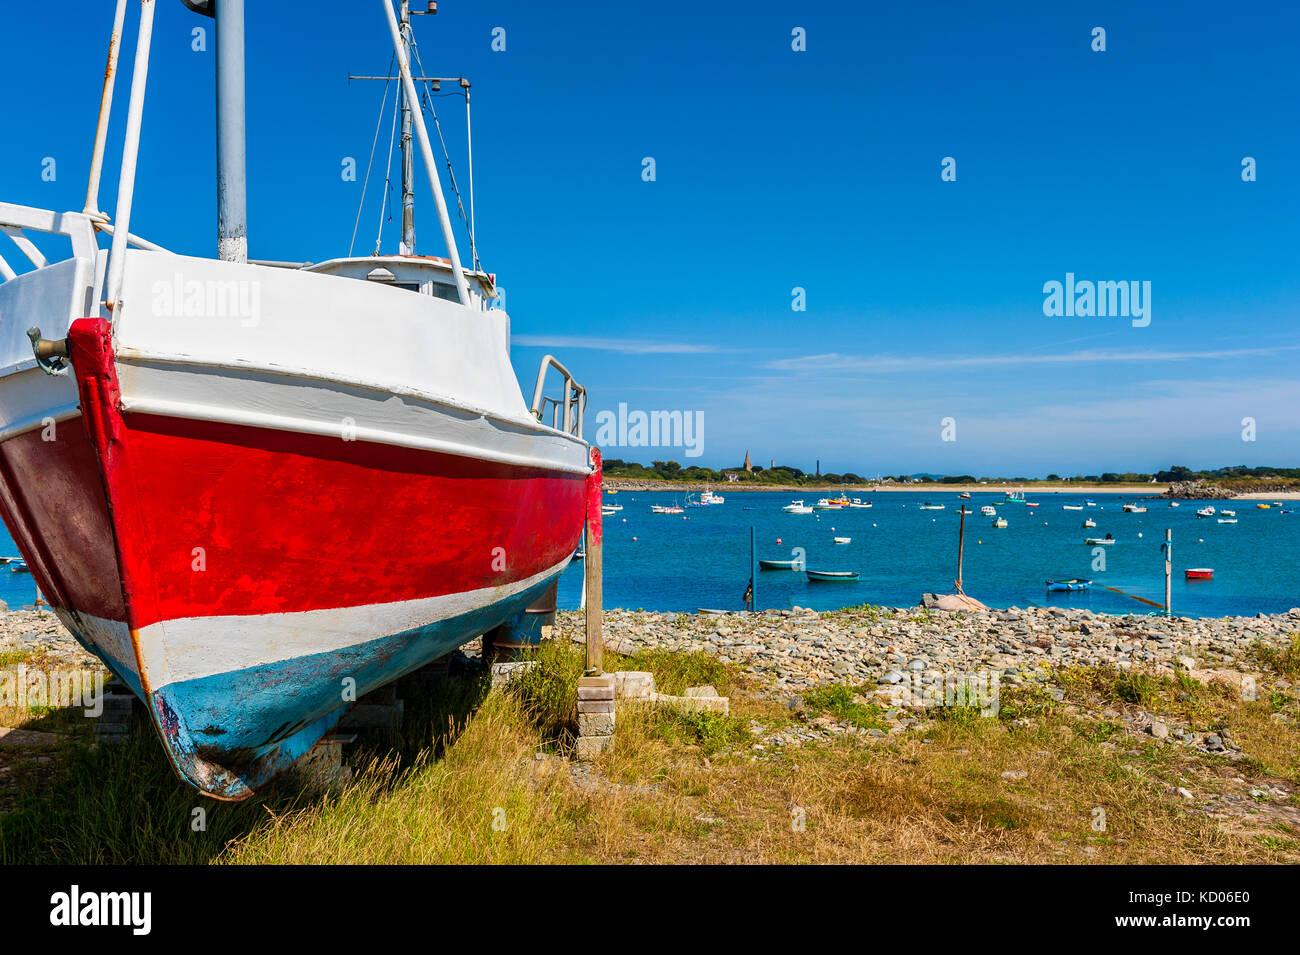 Barche da pesca sulla spiaggia nel villaggio di Vale, Guernsey, Isole del Canale, Regno Unito il giorno di estate Immagini Stock